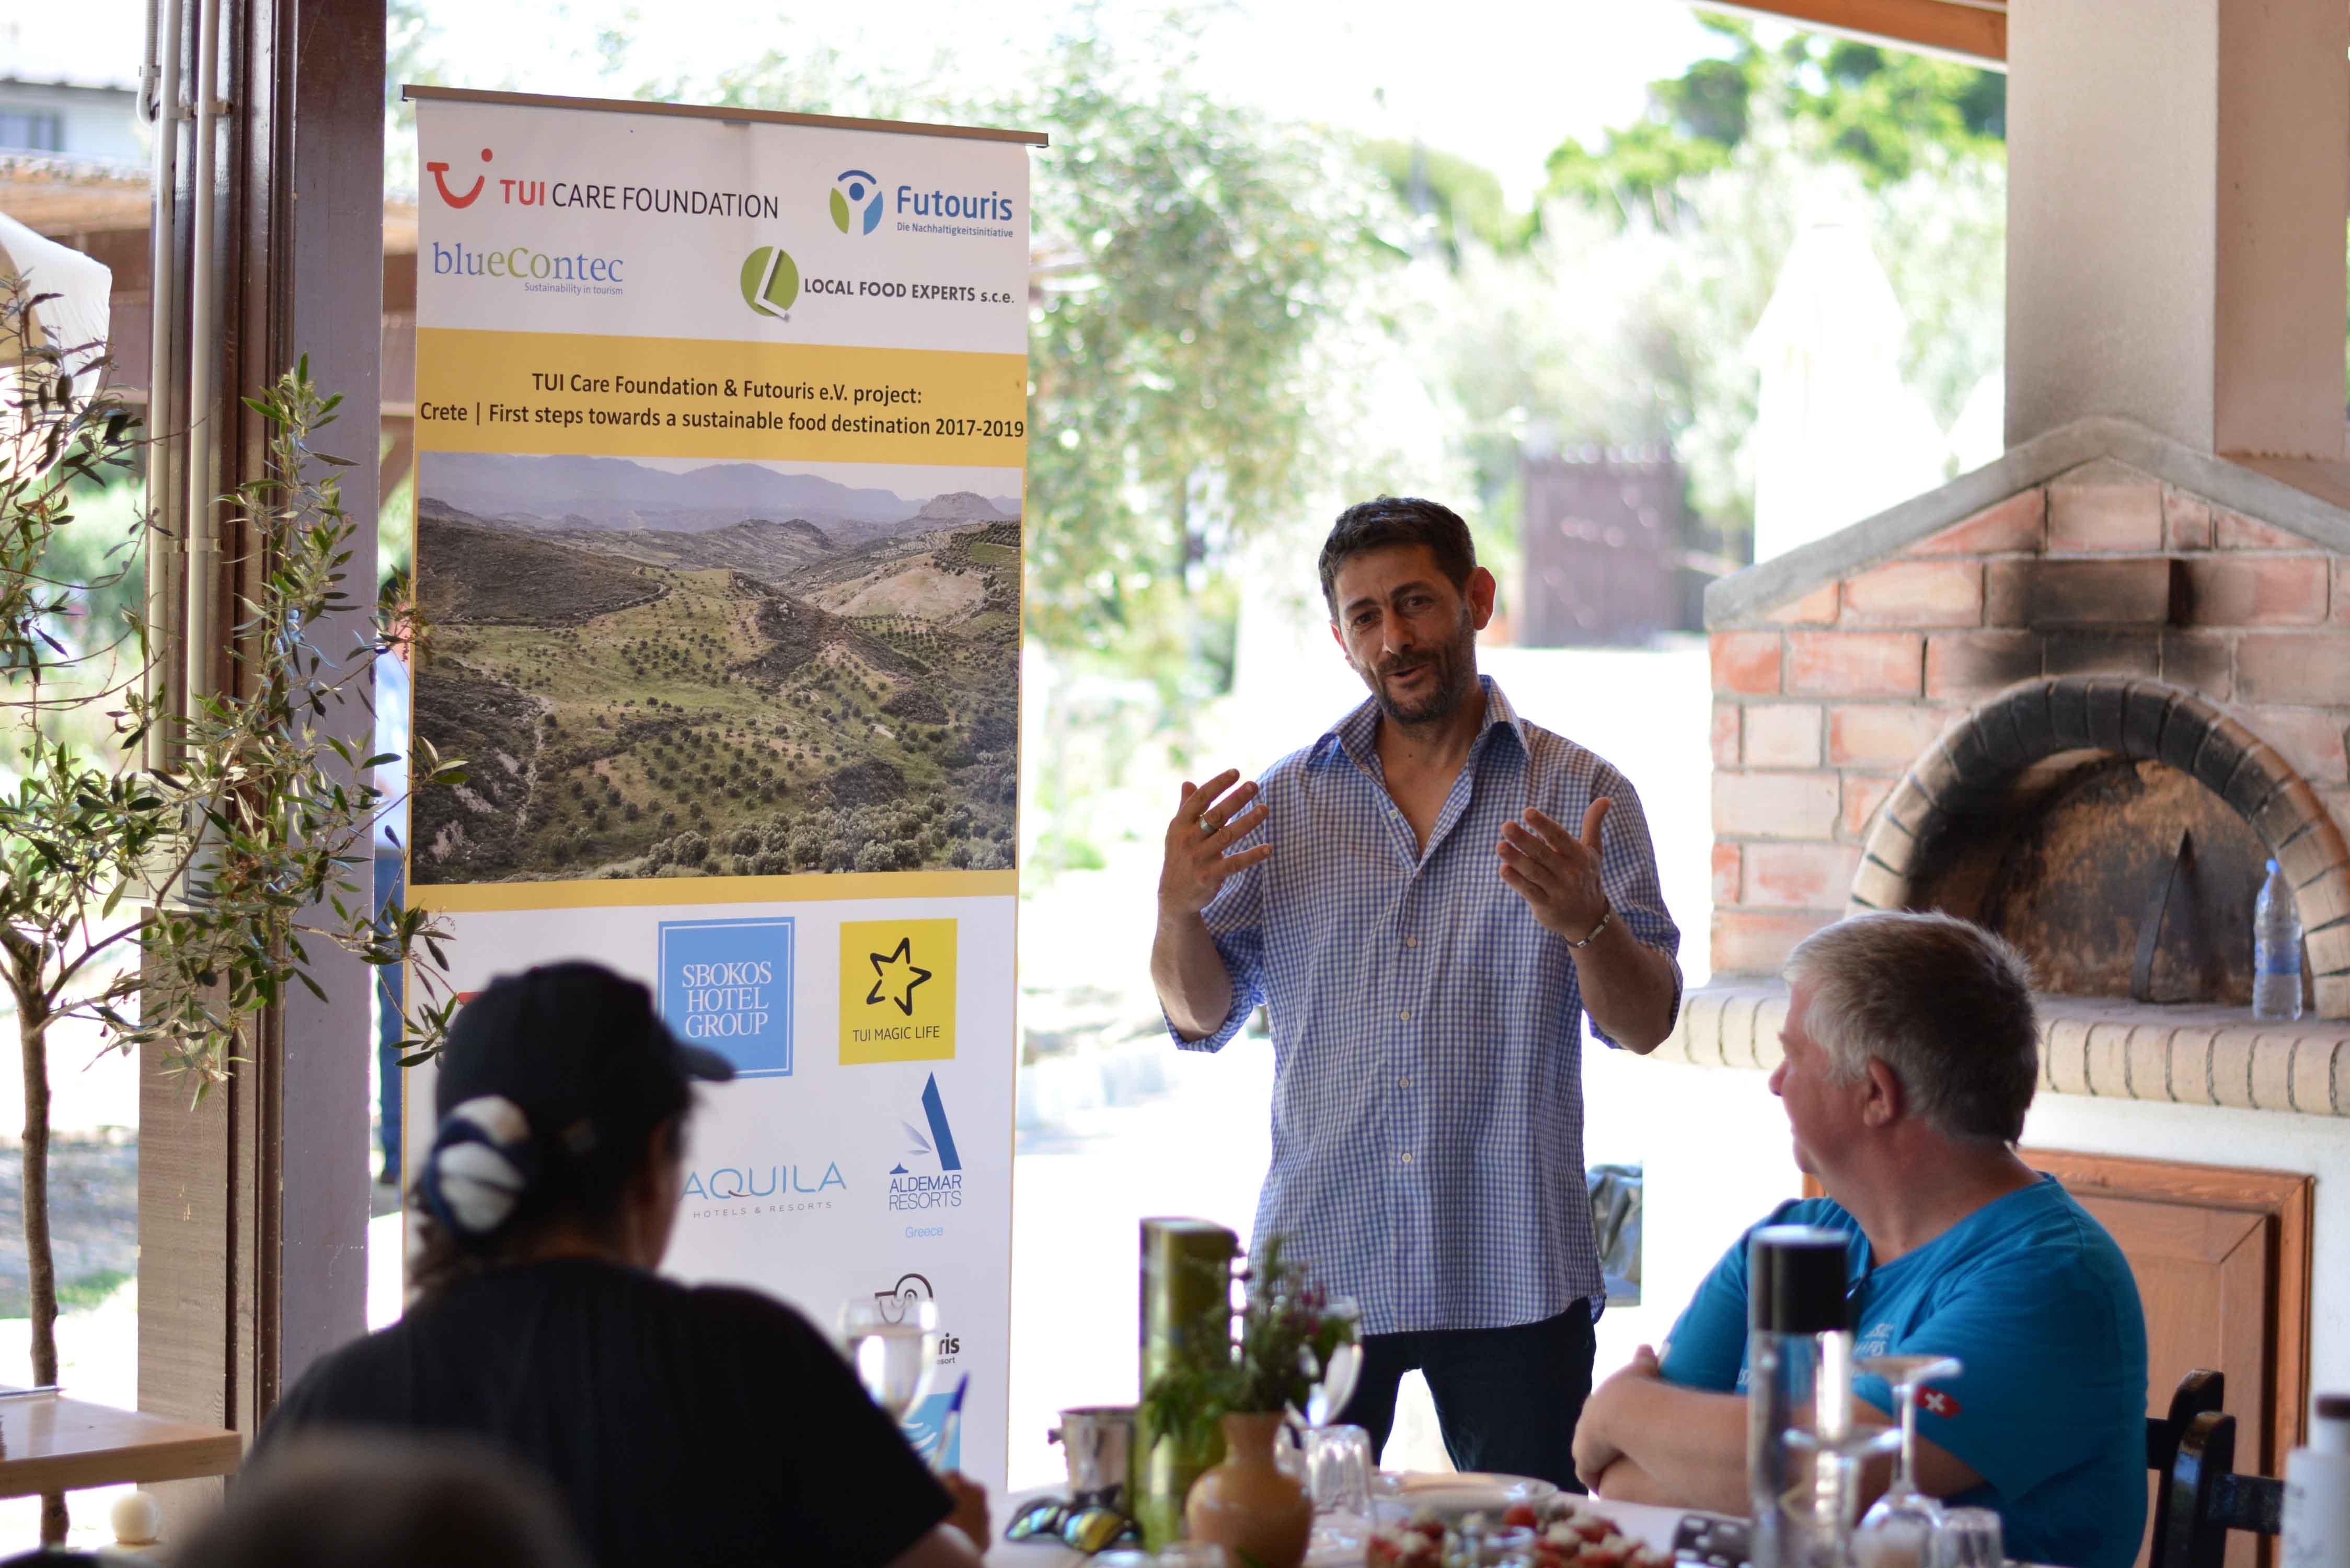 Η Βιώσιμη Ανάπτυξη και η Υποστήριξη των τοπικών κοινωνιών στο επίκεντρο του Creta Maris Beach Resort